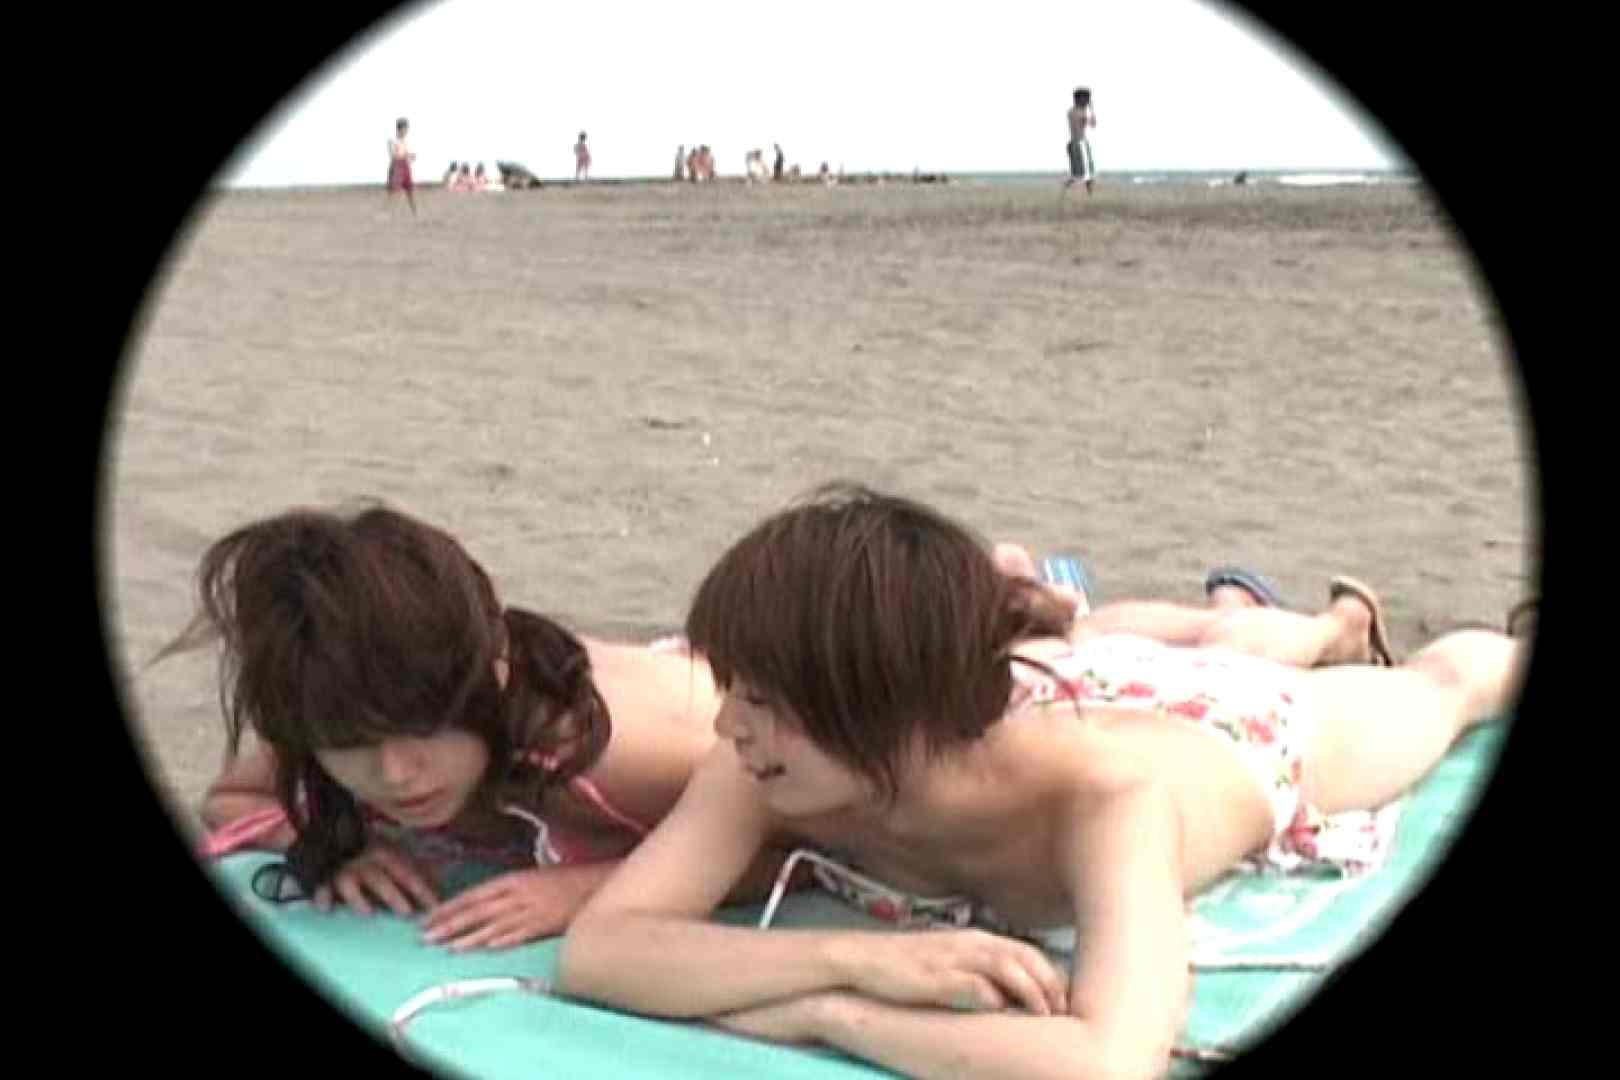 ビーチで発見!!はしゃぎ過ぎポロリギャルVol.5 股間 性交動画流出 104pic 9